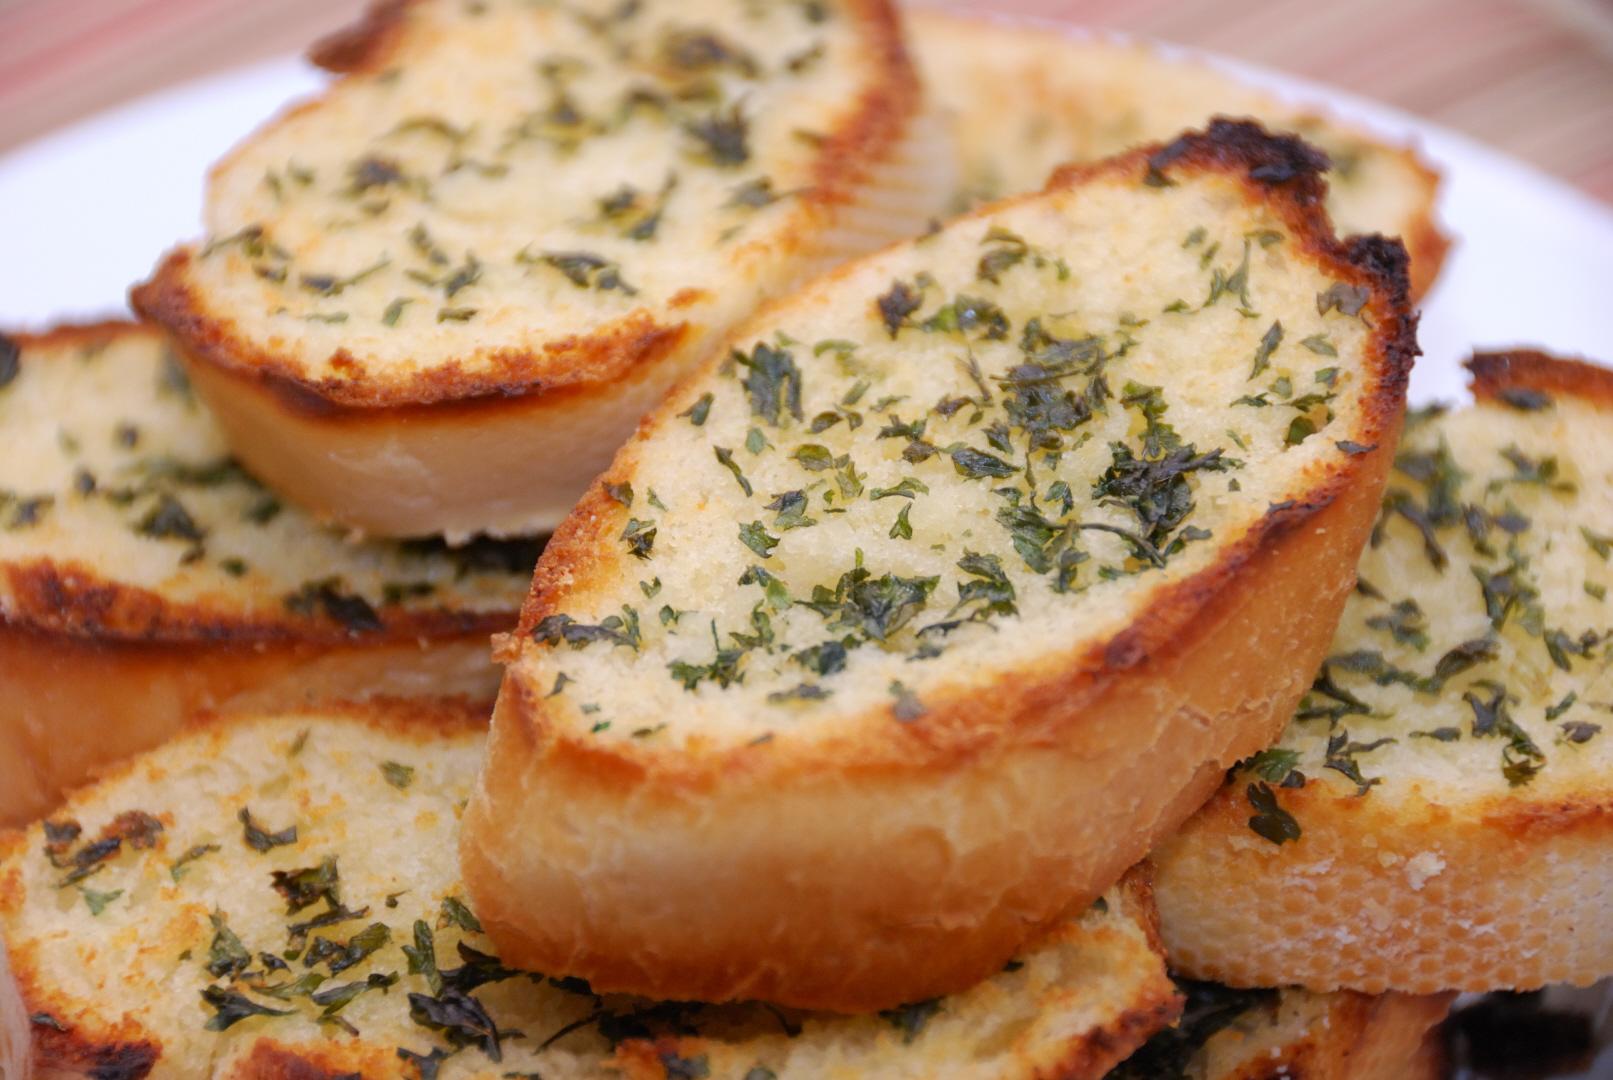 طريقة عمل الخبز بالثوم بالصور مع إضافة الاعشاب